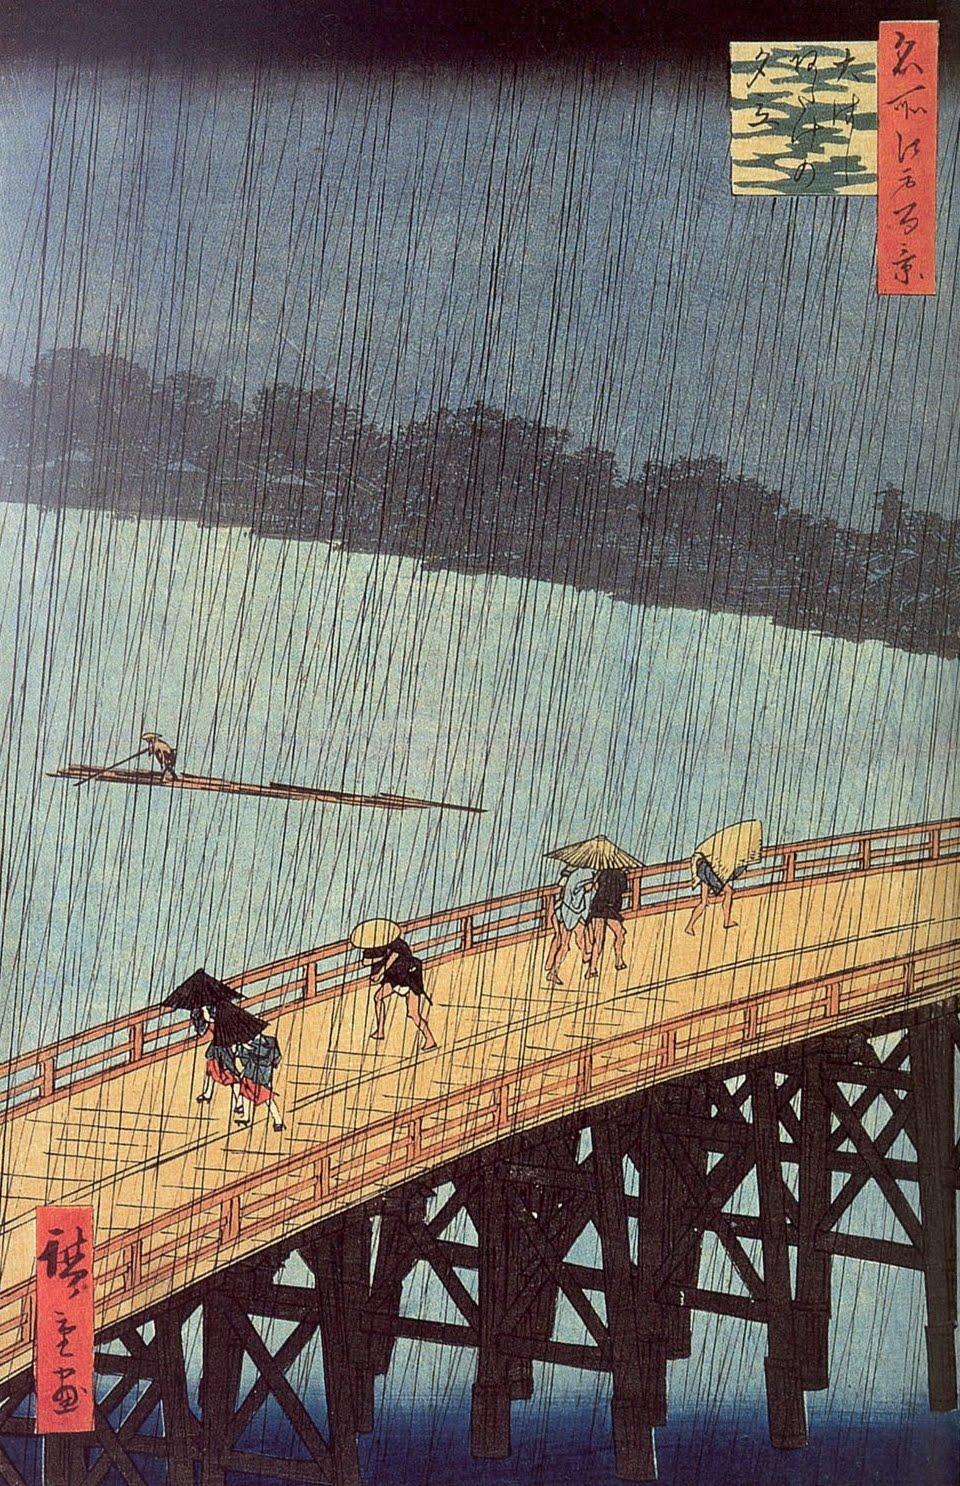 Hiroshige Utagawa, Ohashi Atake no yudachi